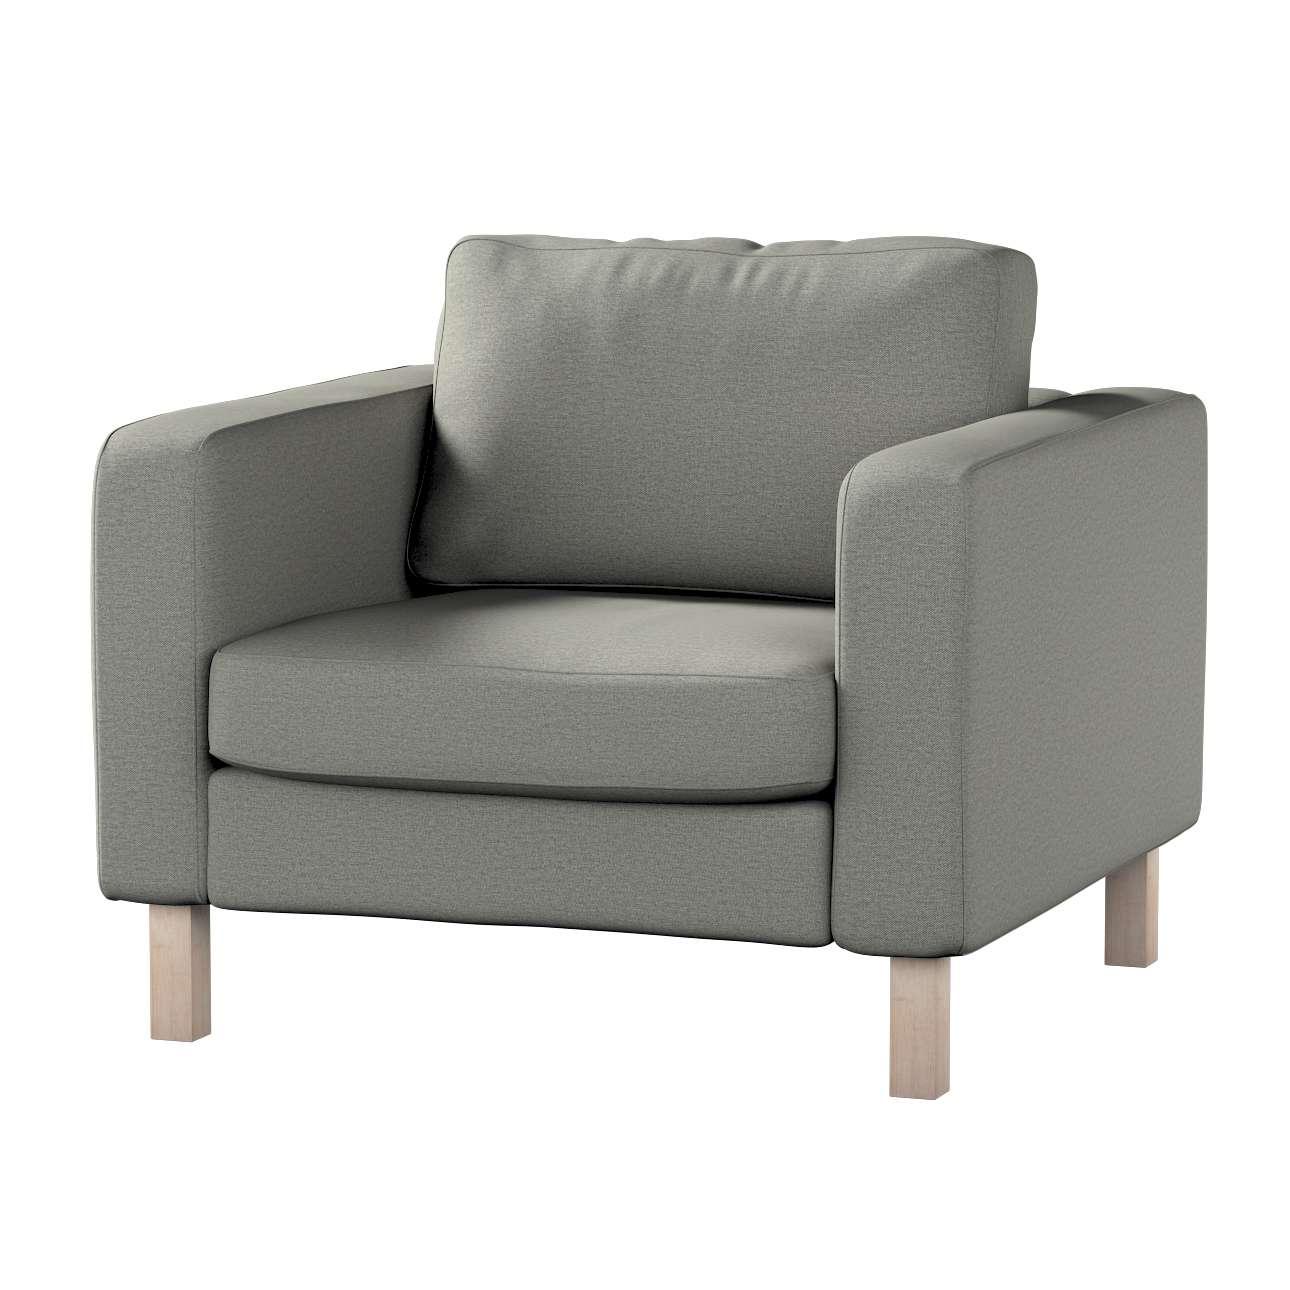 Pokrowiec na fotel Karlstad, krótki w kolekcji Etna, tkanina: 161-25